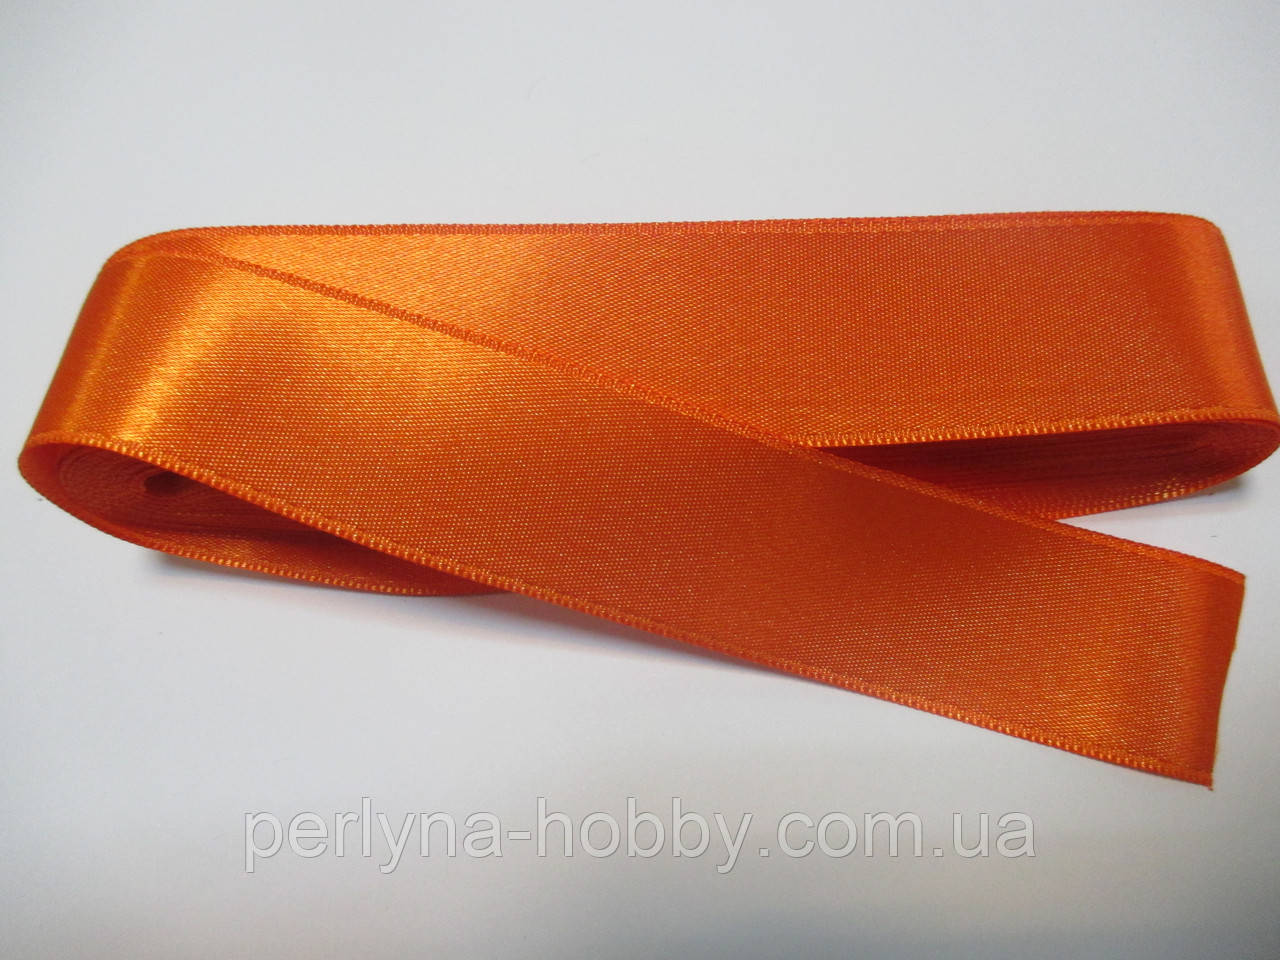 Стрічка атласна  двостороння 3 см,  Лента атласная двухсторонняя.оранжева G-03-363. Ціна за 1 метр